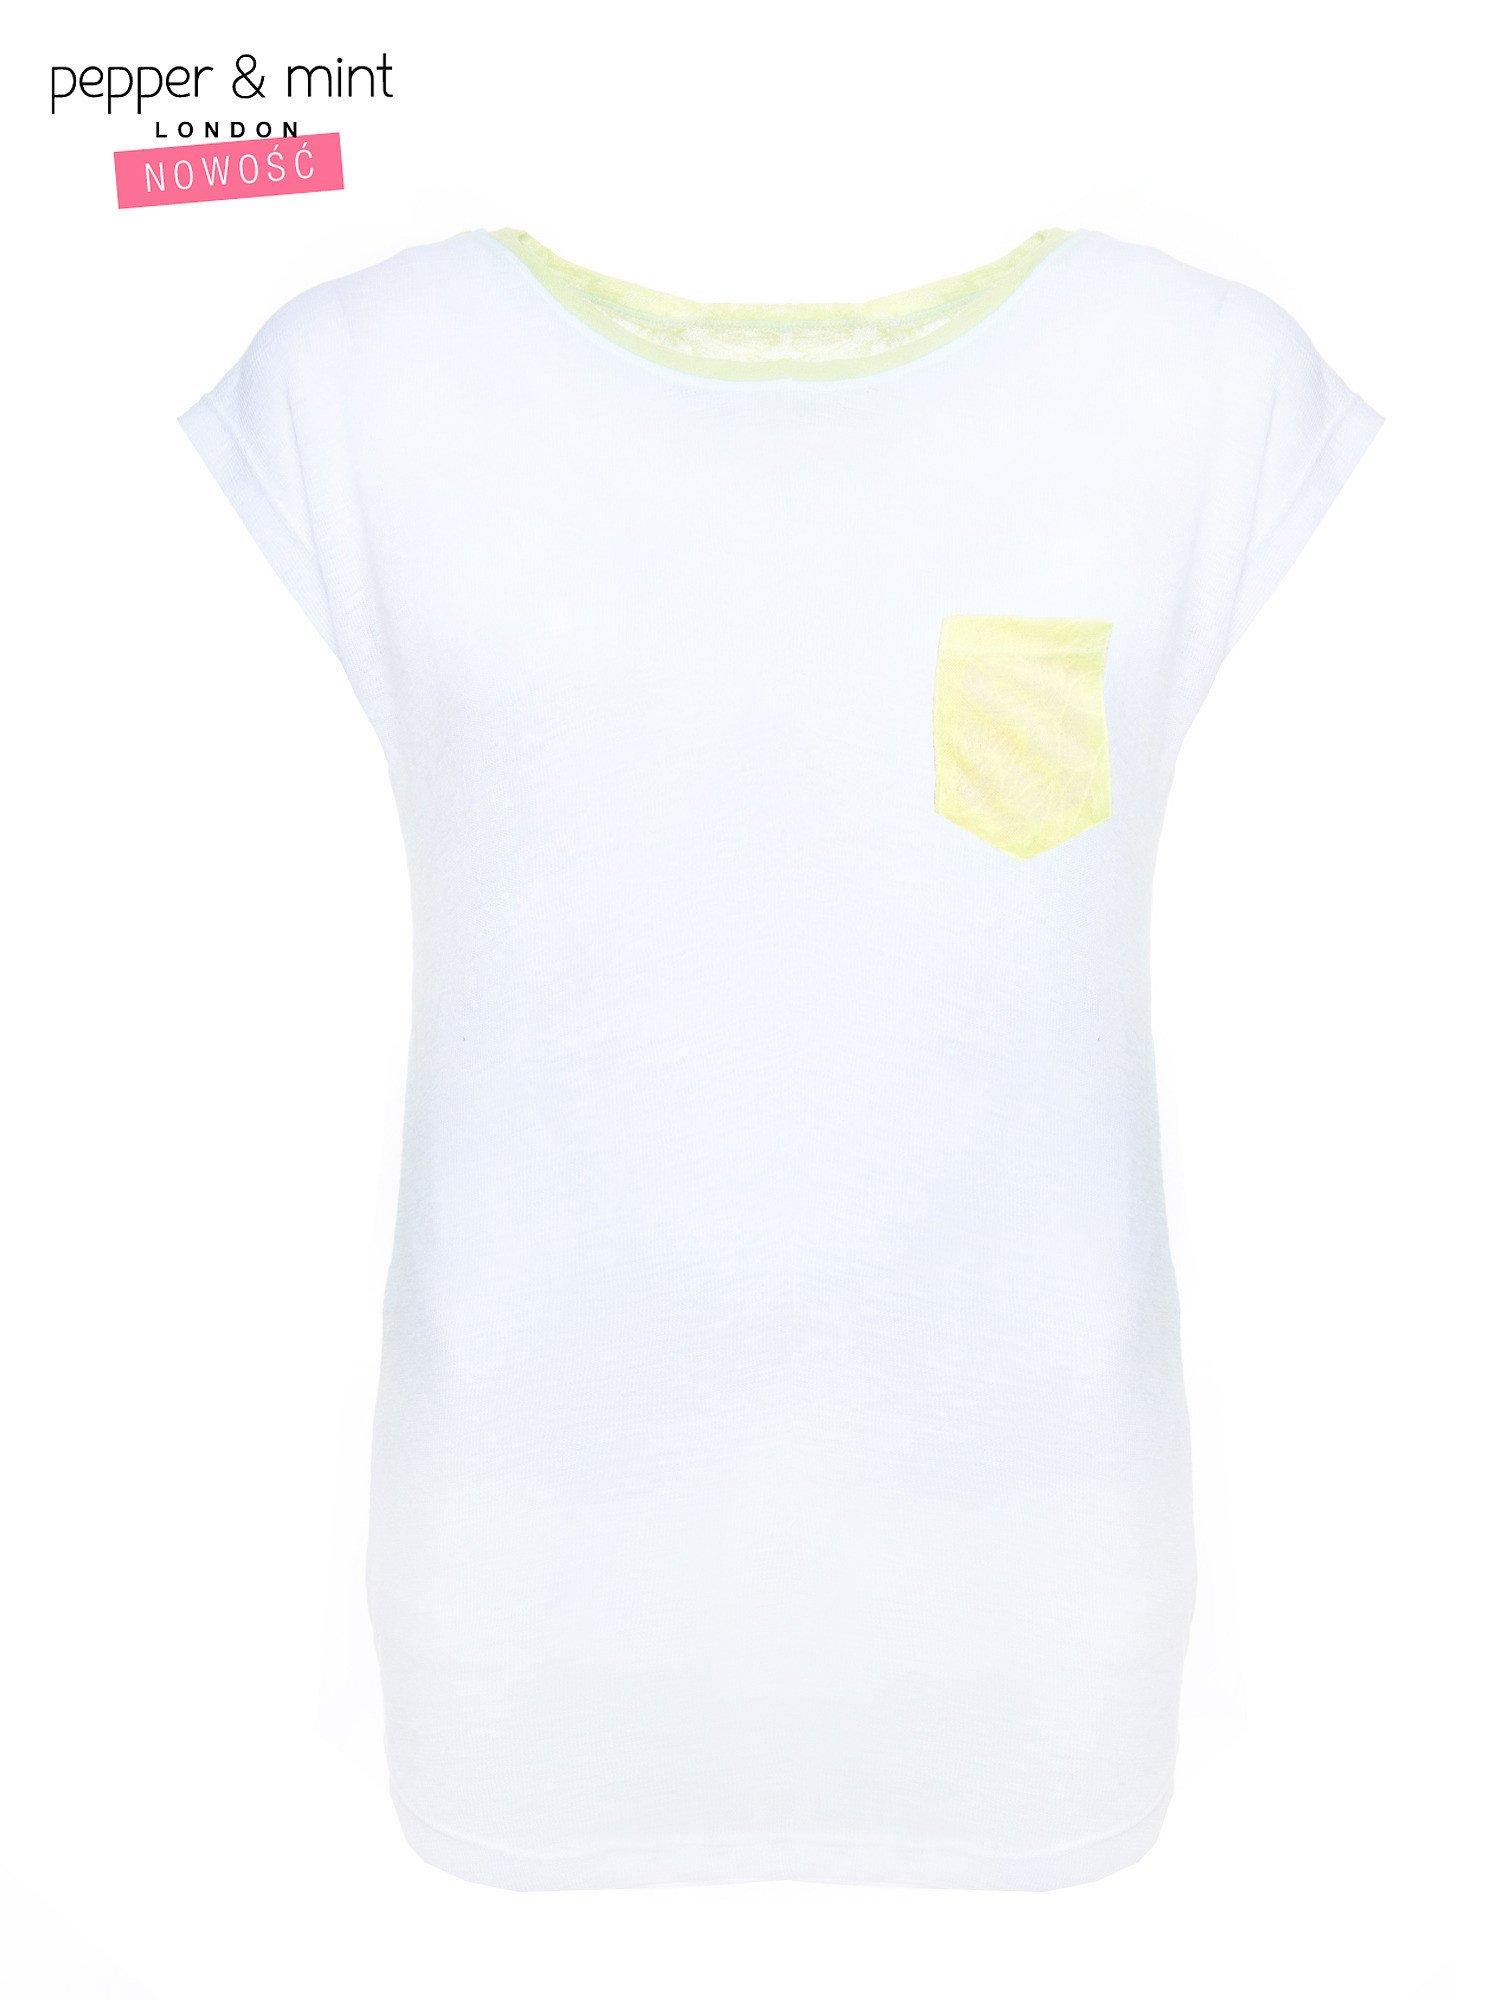 Biały t-shirt z wydłużanym tyłem w kolorze żółtym                                  zdj.                                  4